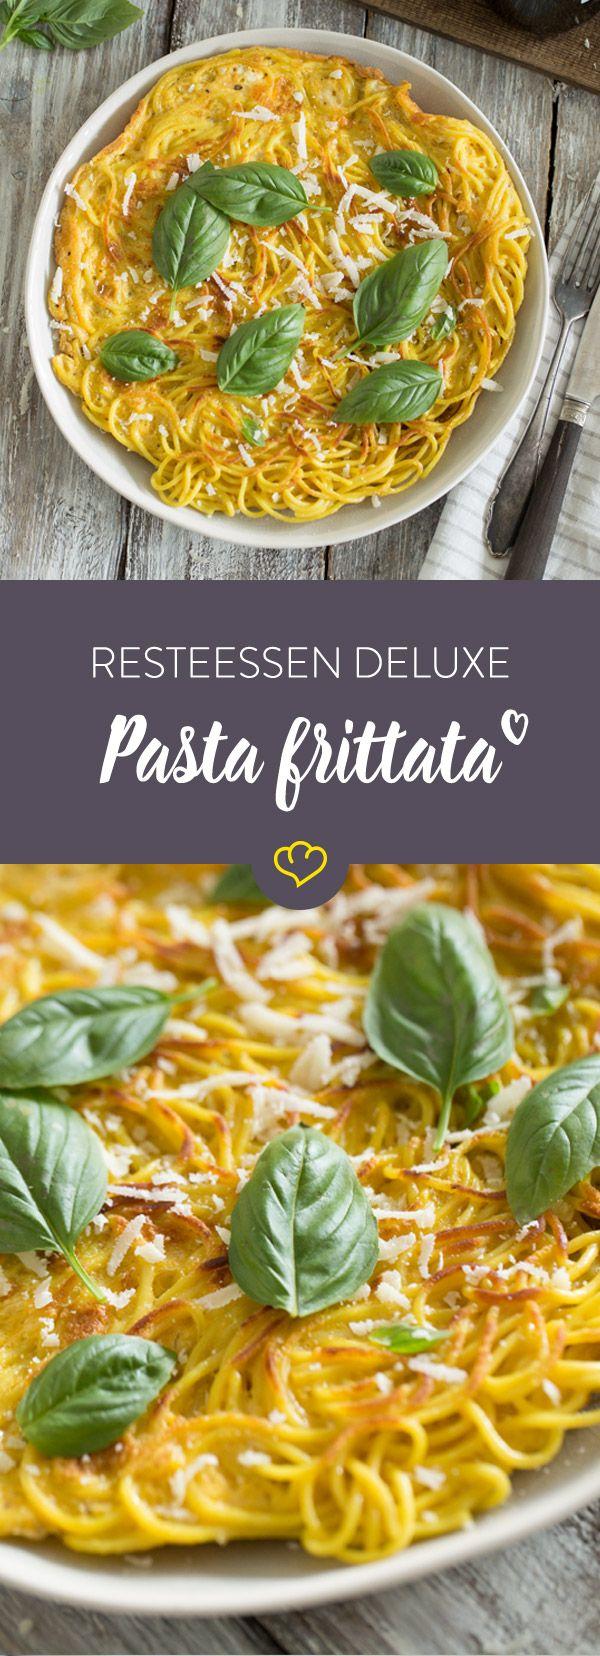 Diese Frittata verwertet gekochte Nudeln, Eier und Parmesan und zaubert daraus ein unglaublich leckeres Essen, dass du ganz easy aufpeppen kannst.